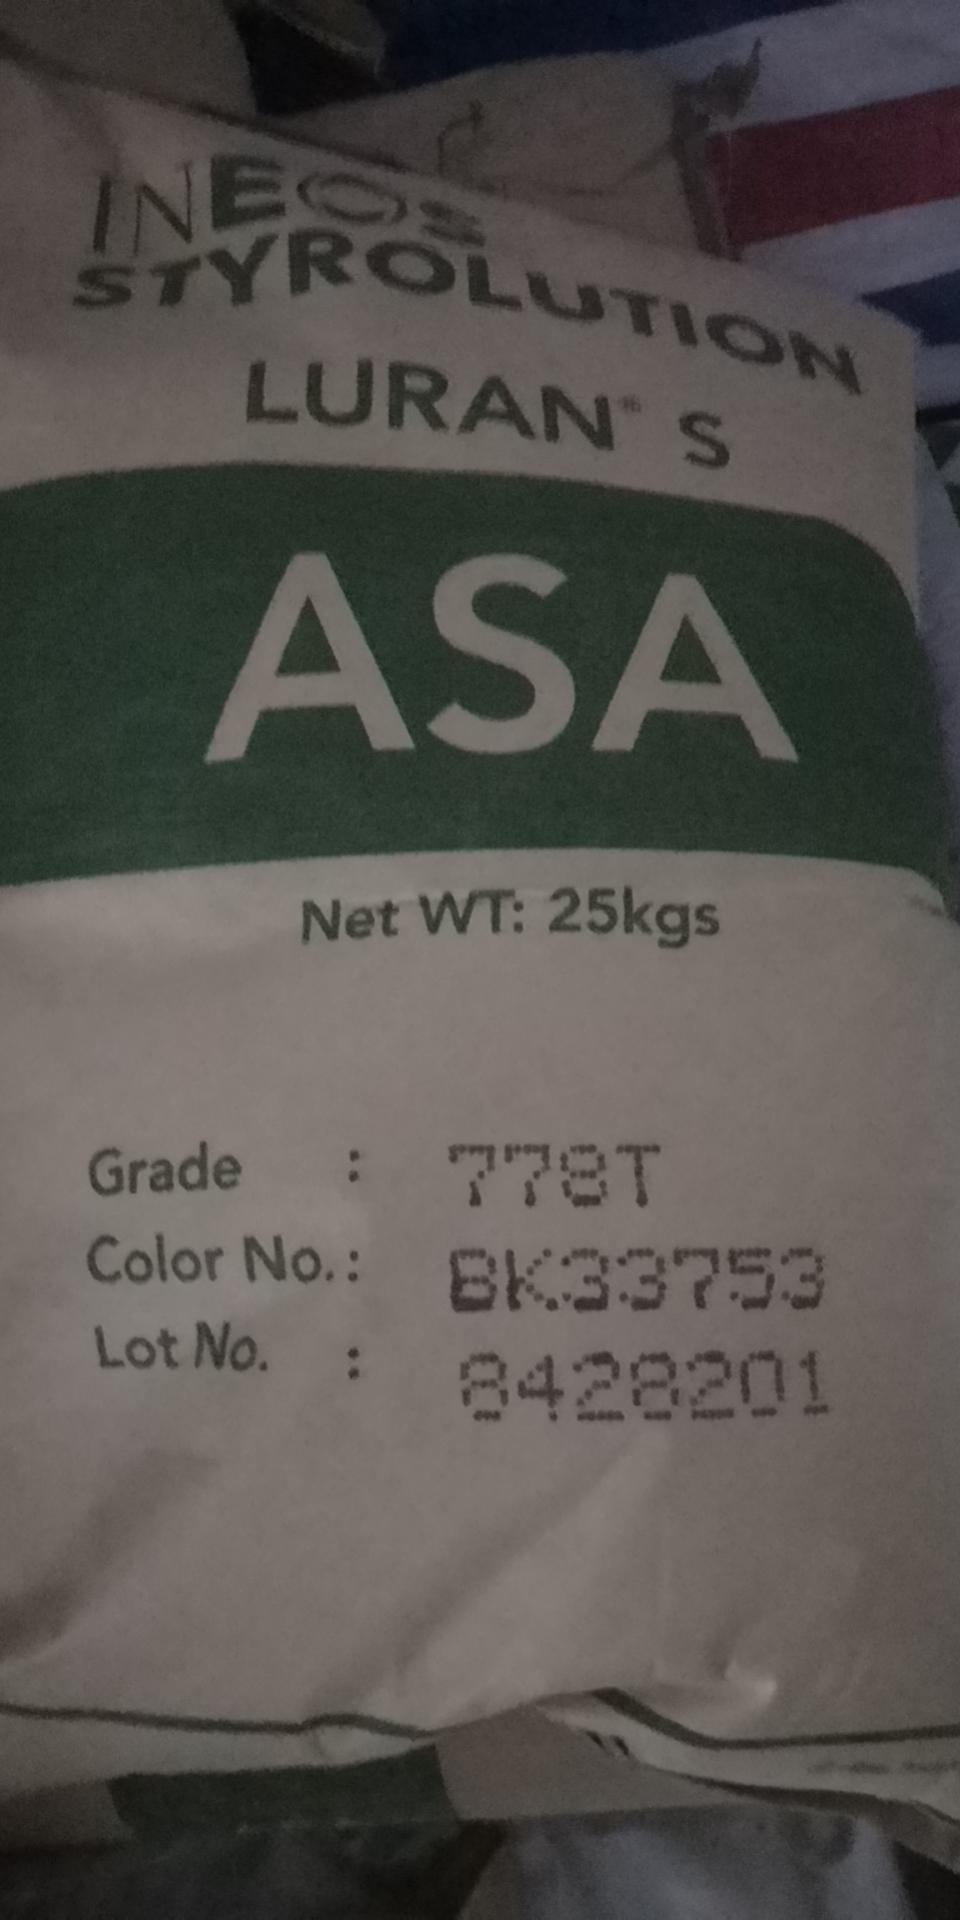 ASA LURAN S 778T BK33753